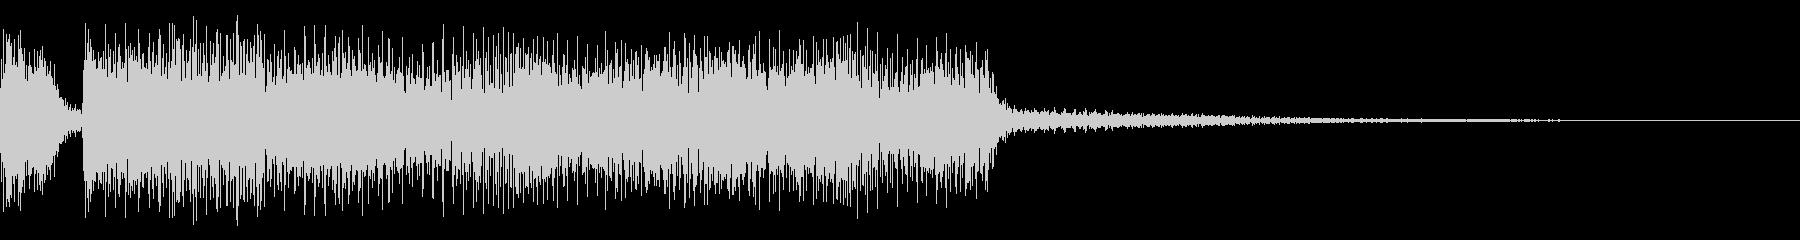 ジャジャーン 明るいシンセ音 登場の未再生の波形